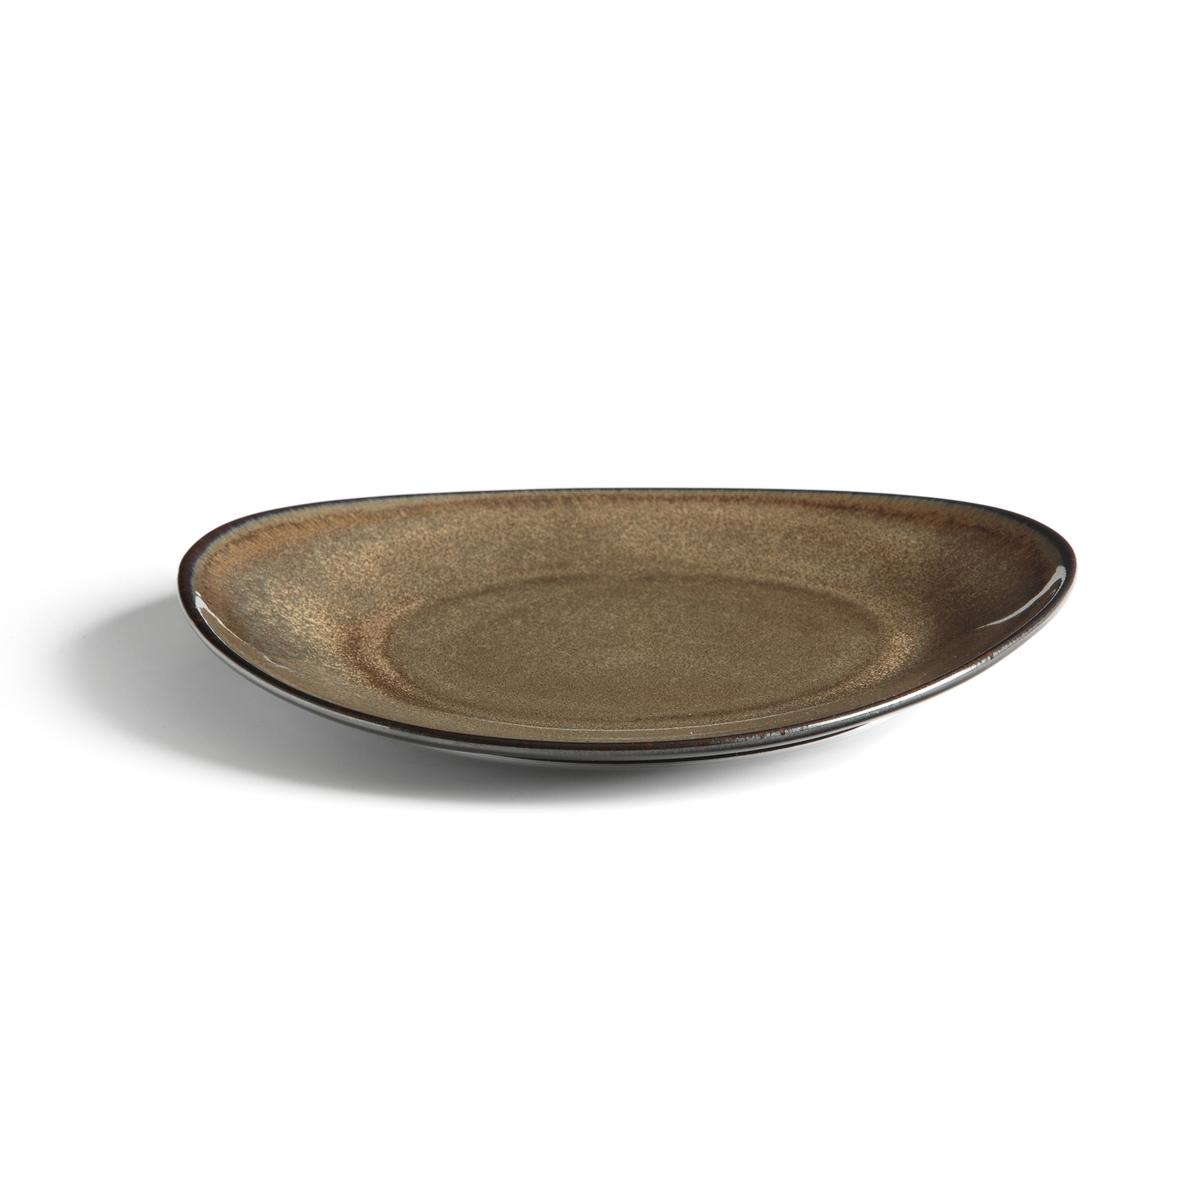 Плоские La Redoute Тарелки из эмалированной керамики Attale единый размер каштановый плоские la redoute тарелки из эмалированной керамики attale единый размер каштановый